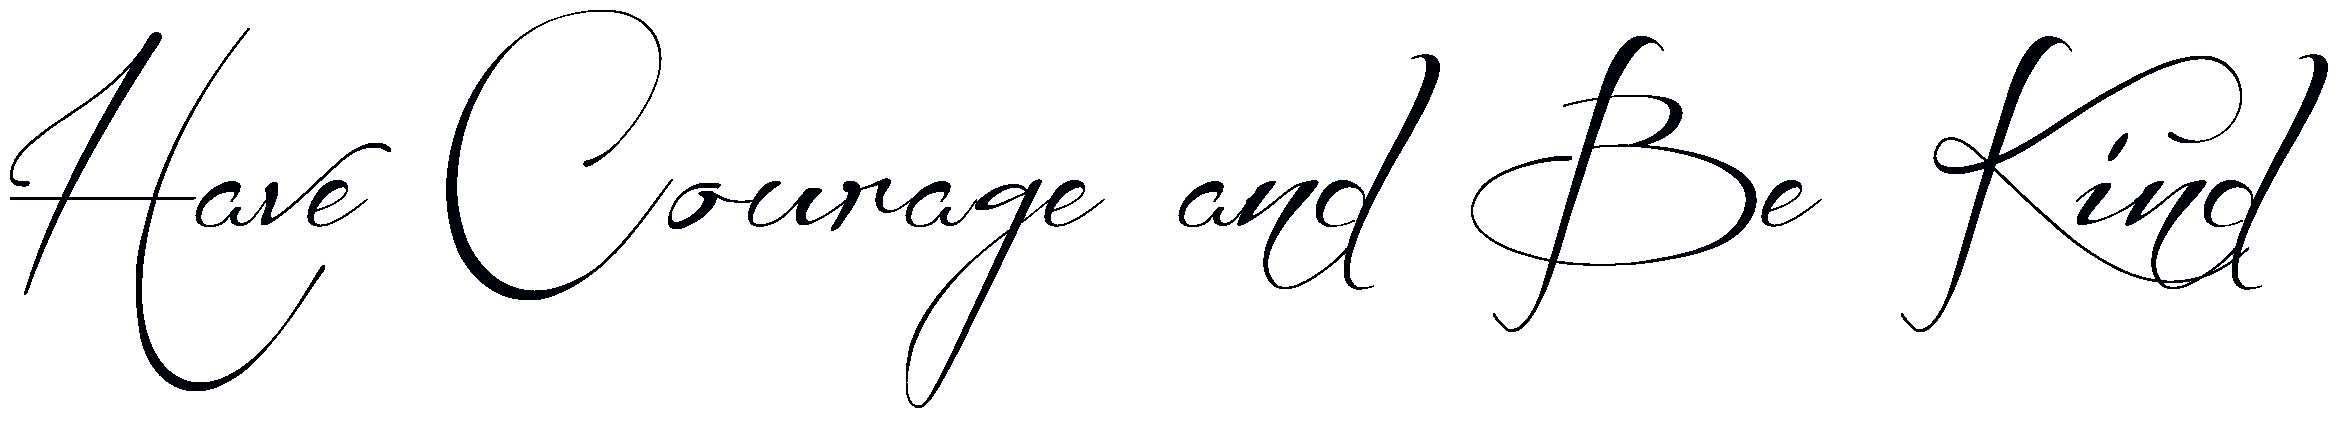 cursive fonts cursive font generator cursive font generator cursive fonts tattoo fonts